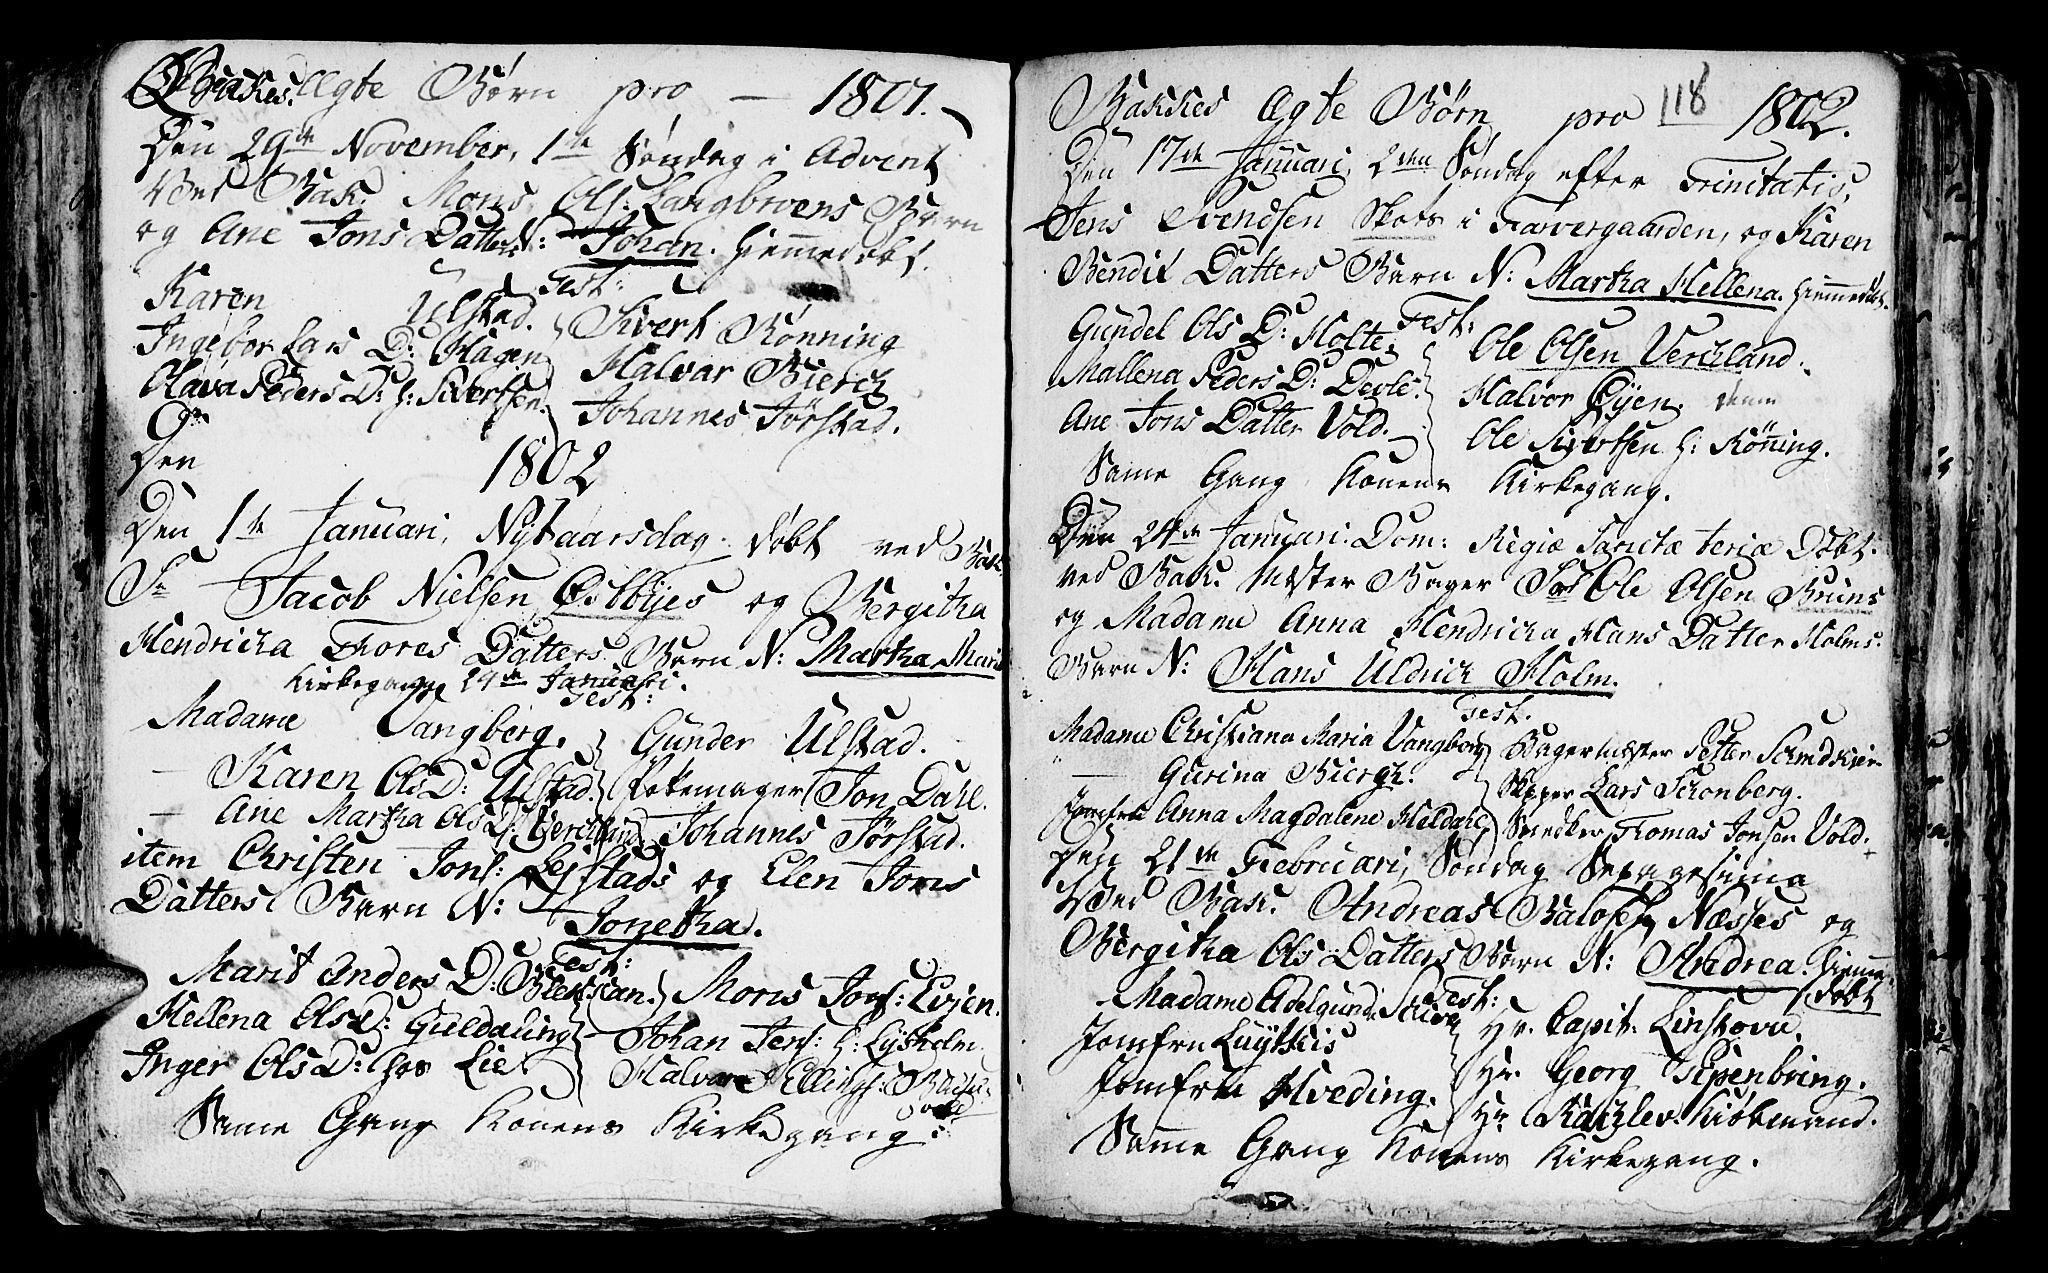 SAT, Ministerialprotokoller, klokkerbøker og fødselsregistre - Sør-Trøndelag, 604/L0218: Klokkerbok nr. 604C01, 1754-1819, s. 118